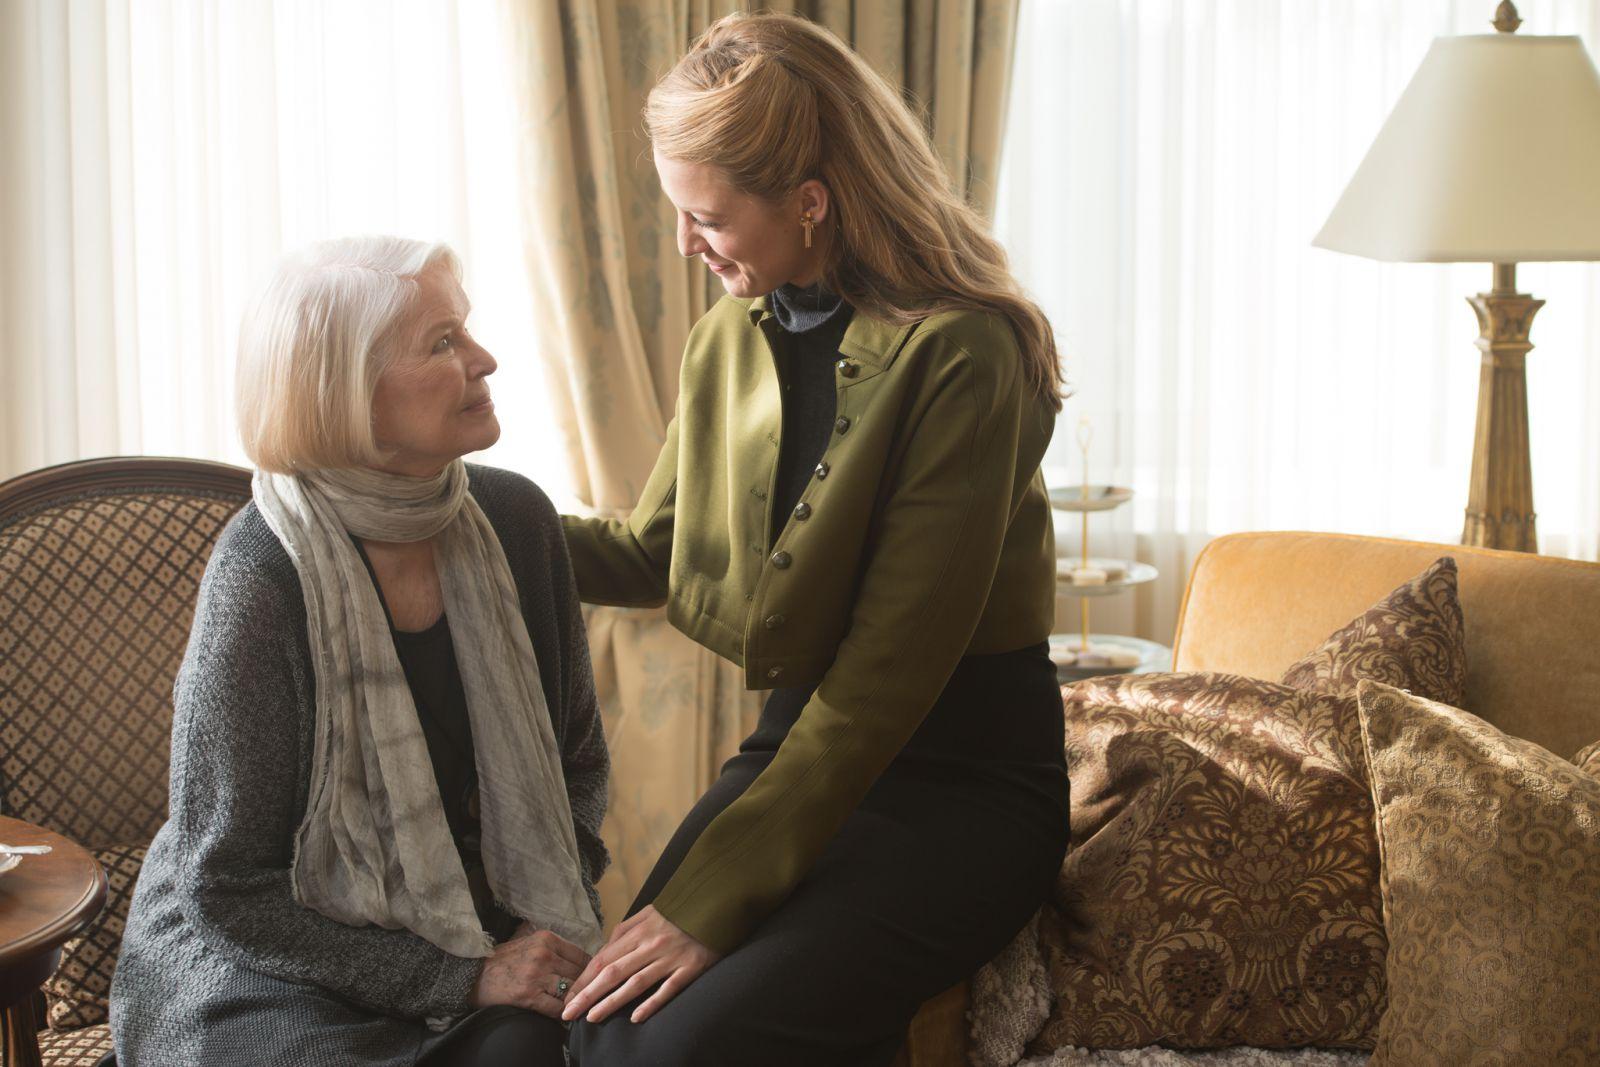 Письмо для внучки: Бери от жизни самое лучшее